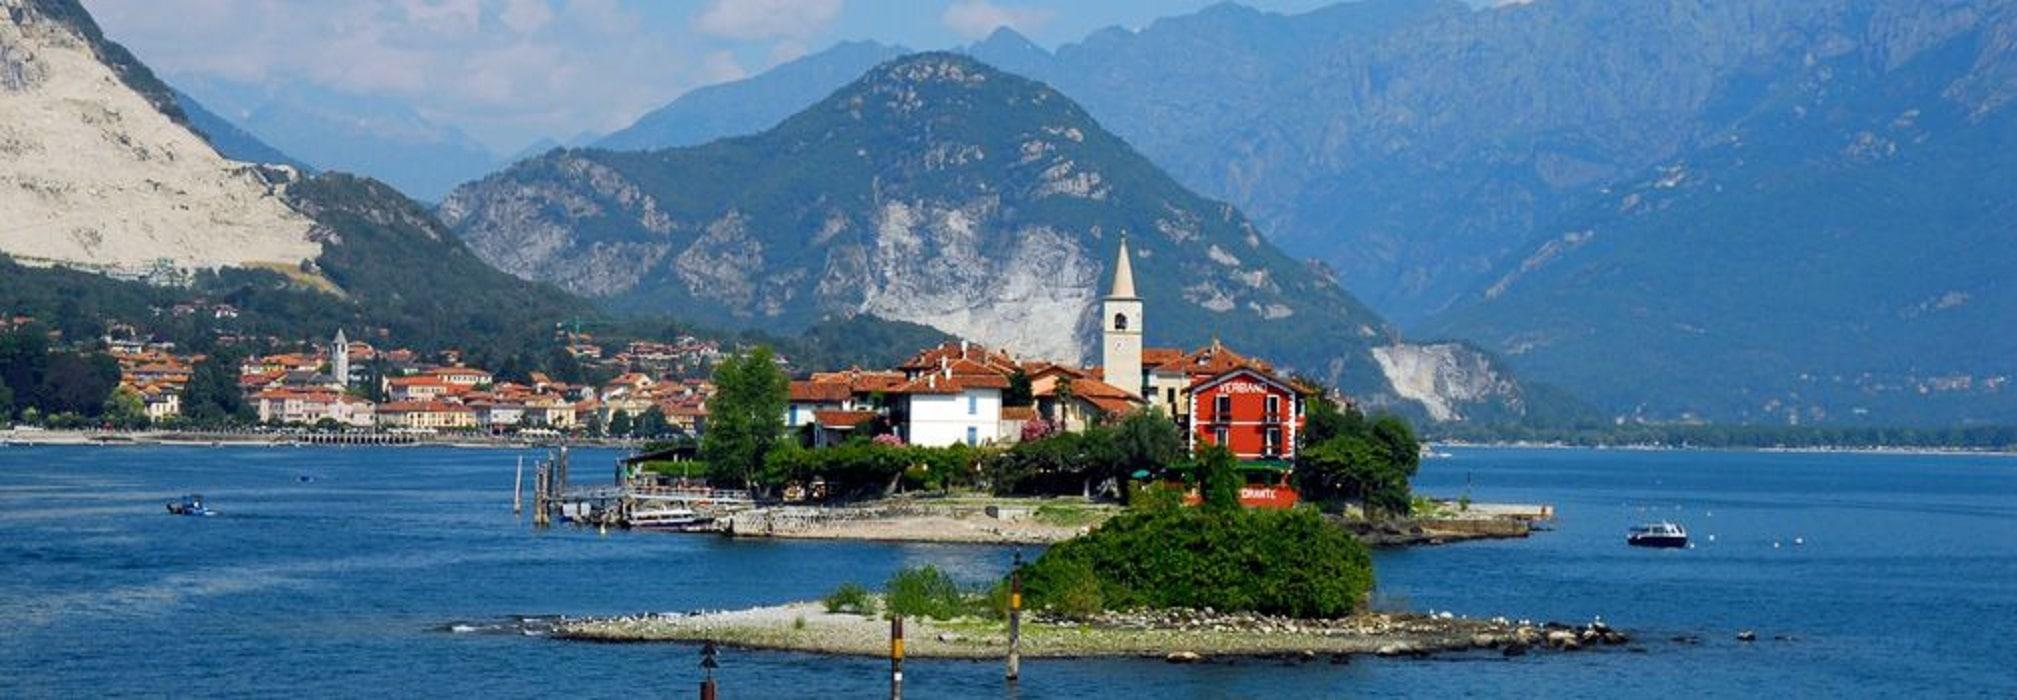 Lago Maggiore - Lacul aristocraților